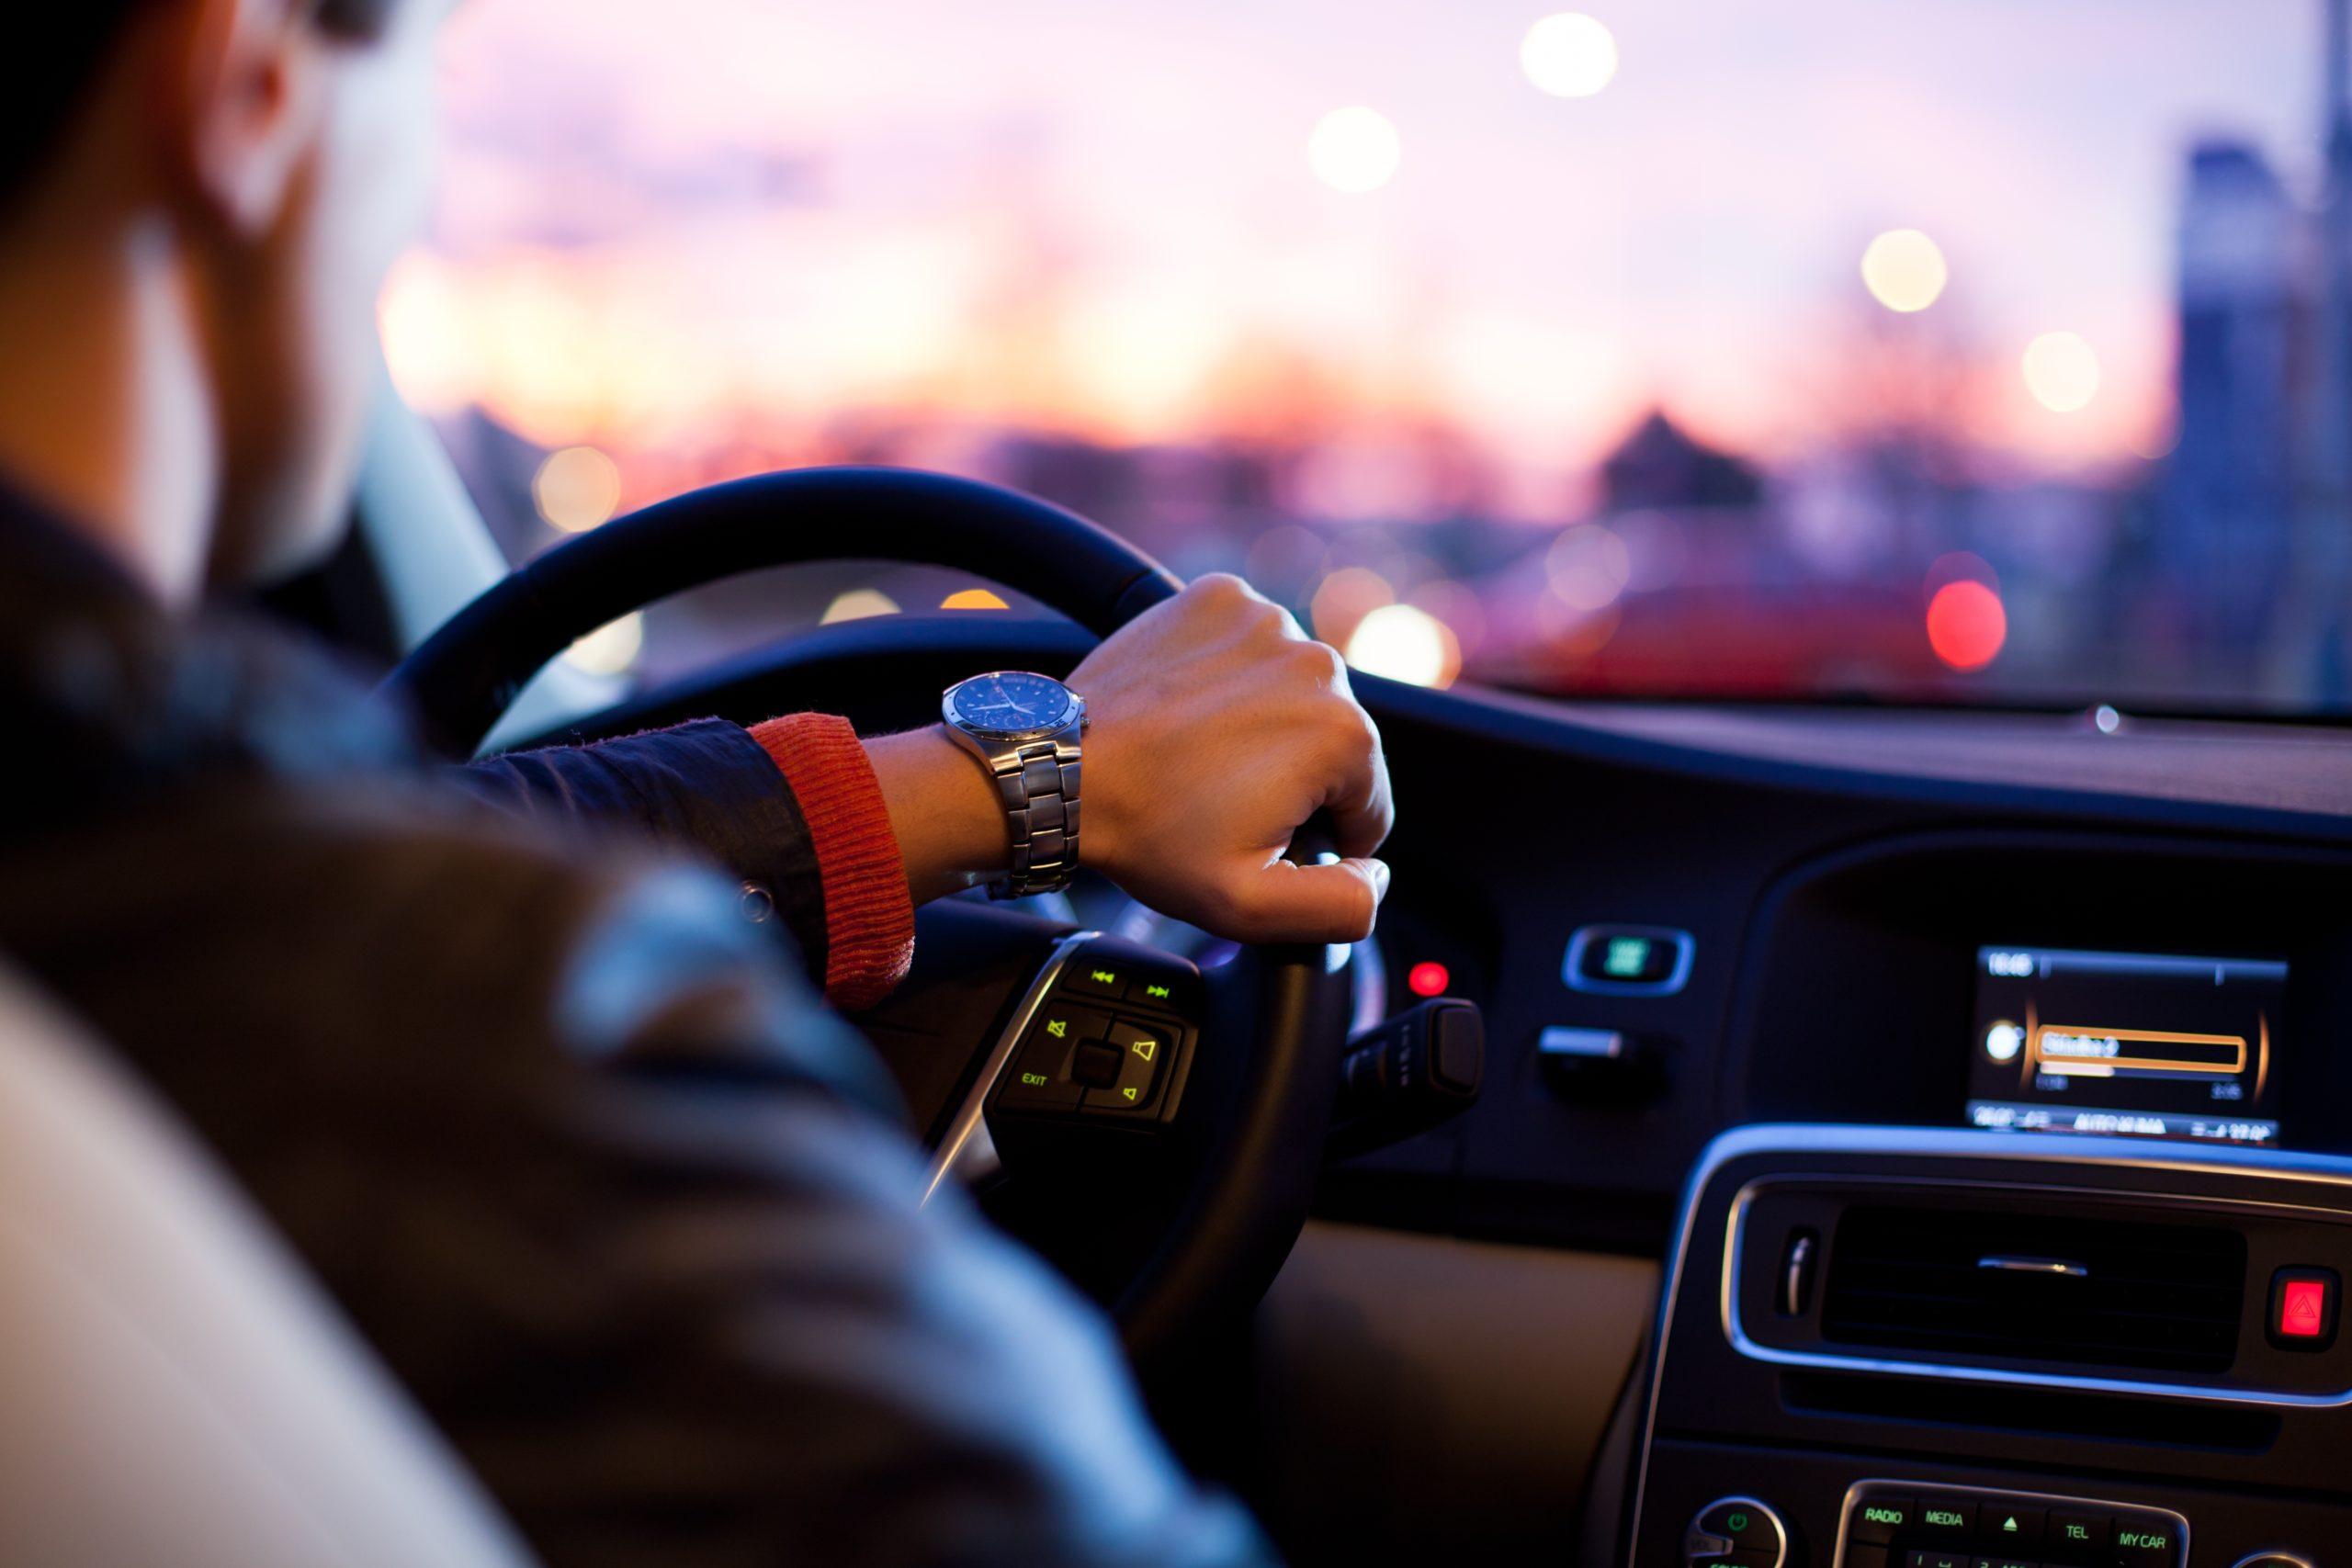 「長距離運転時の睡魔を撃退! 目覚まし楽曲6選」のアイキャッチ画像